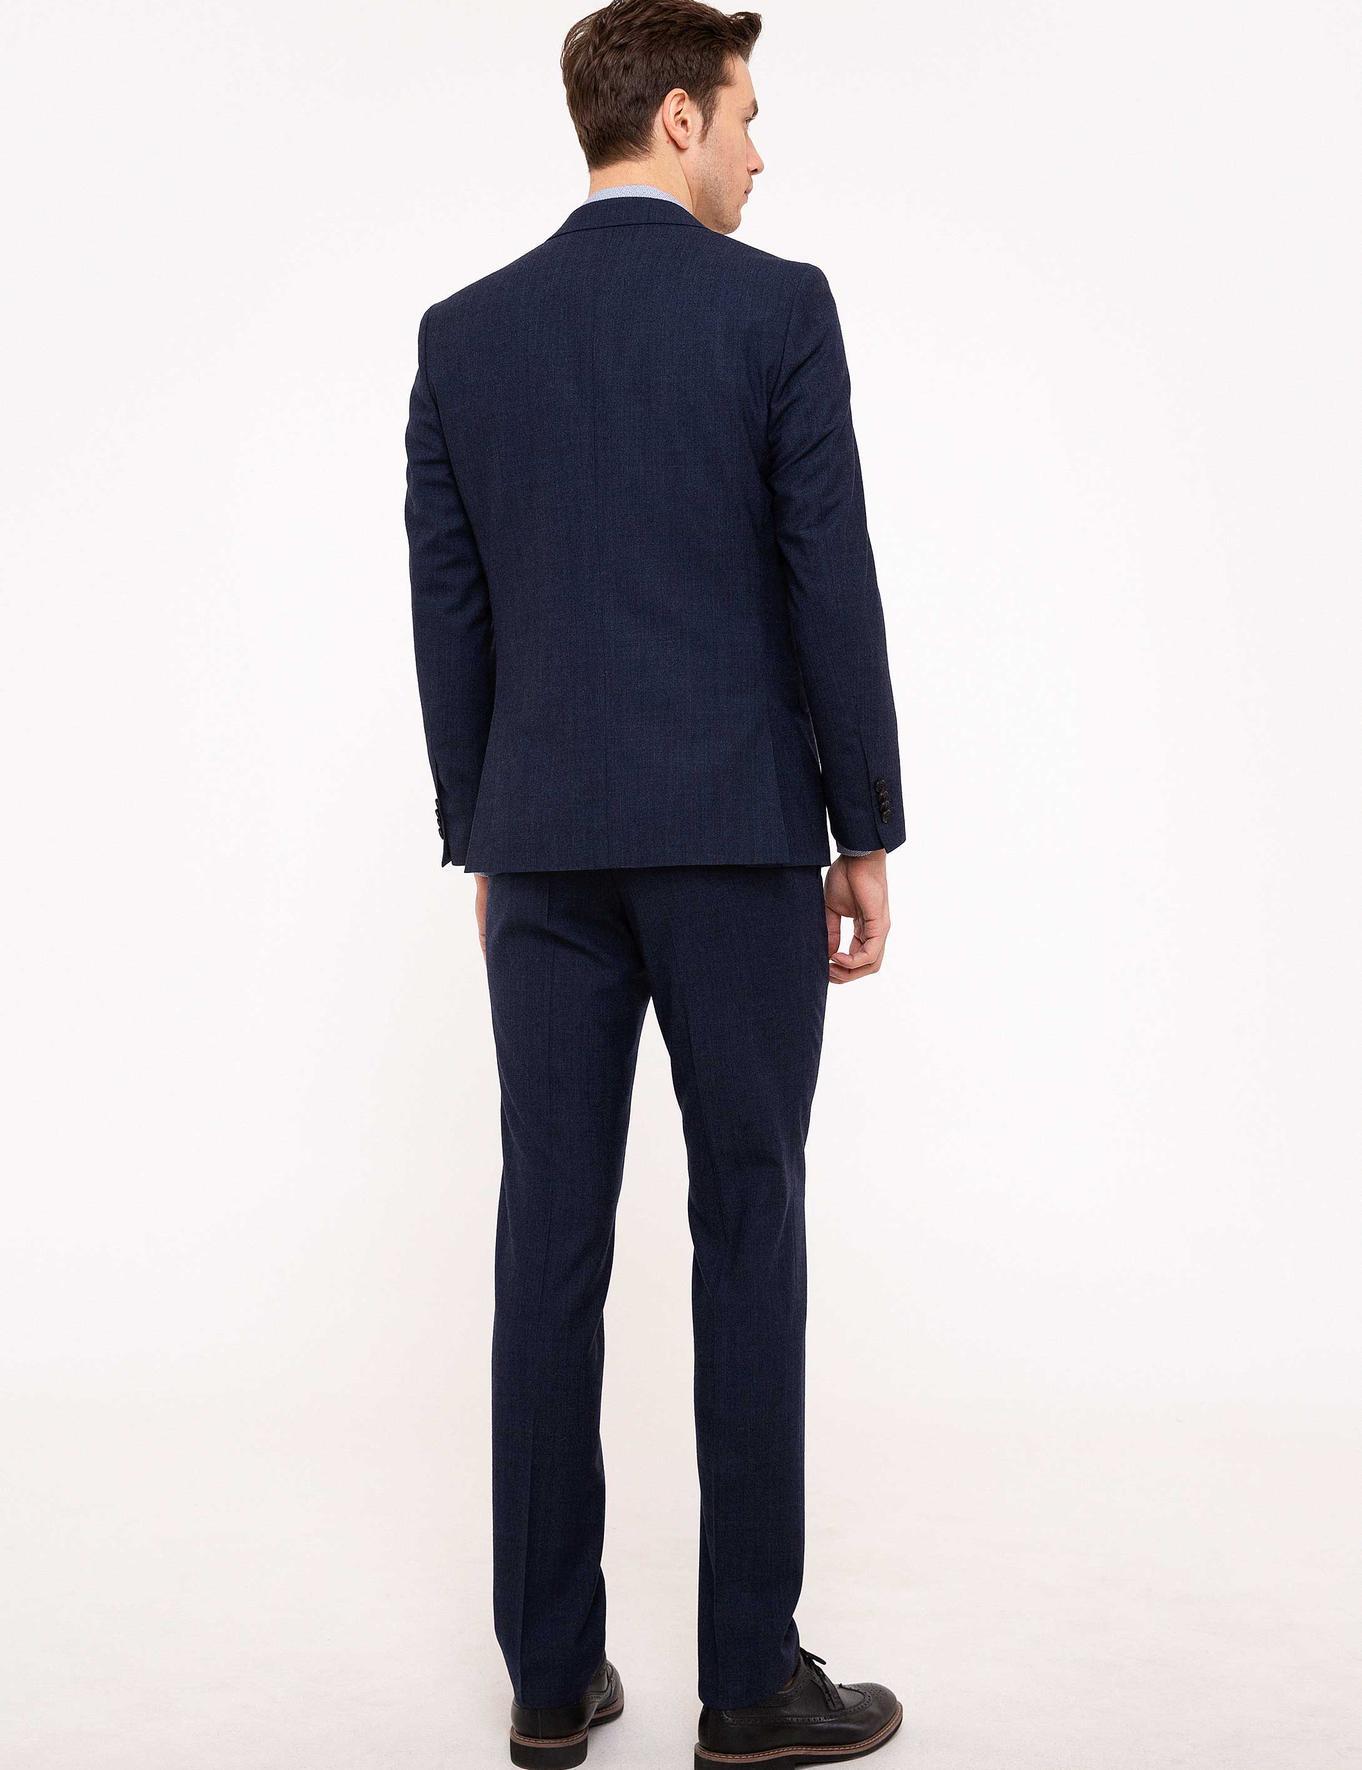 Lacivert Slim Fit Takım Elbise - 50204557005